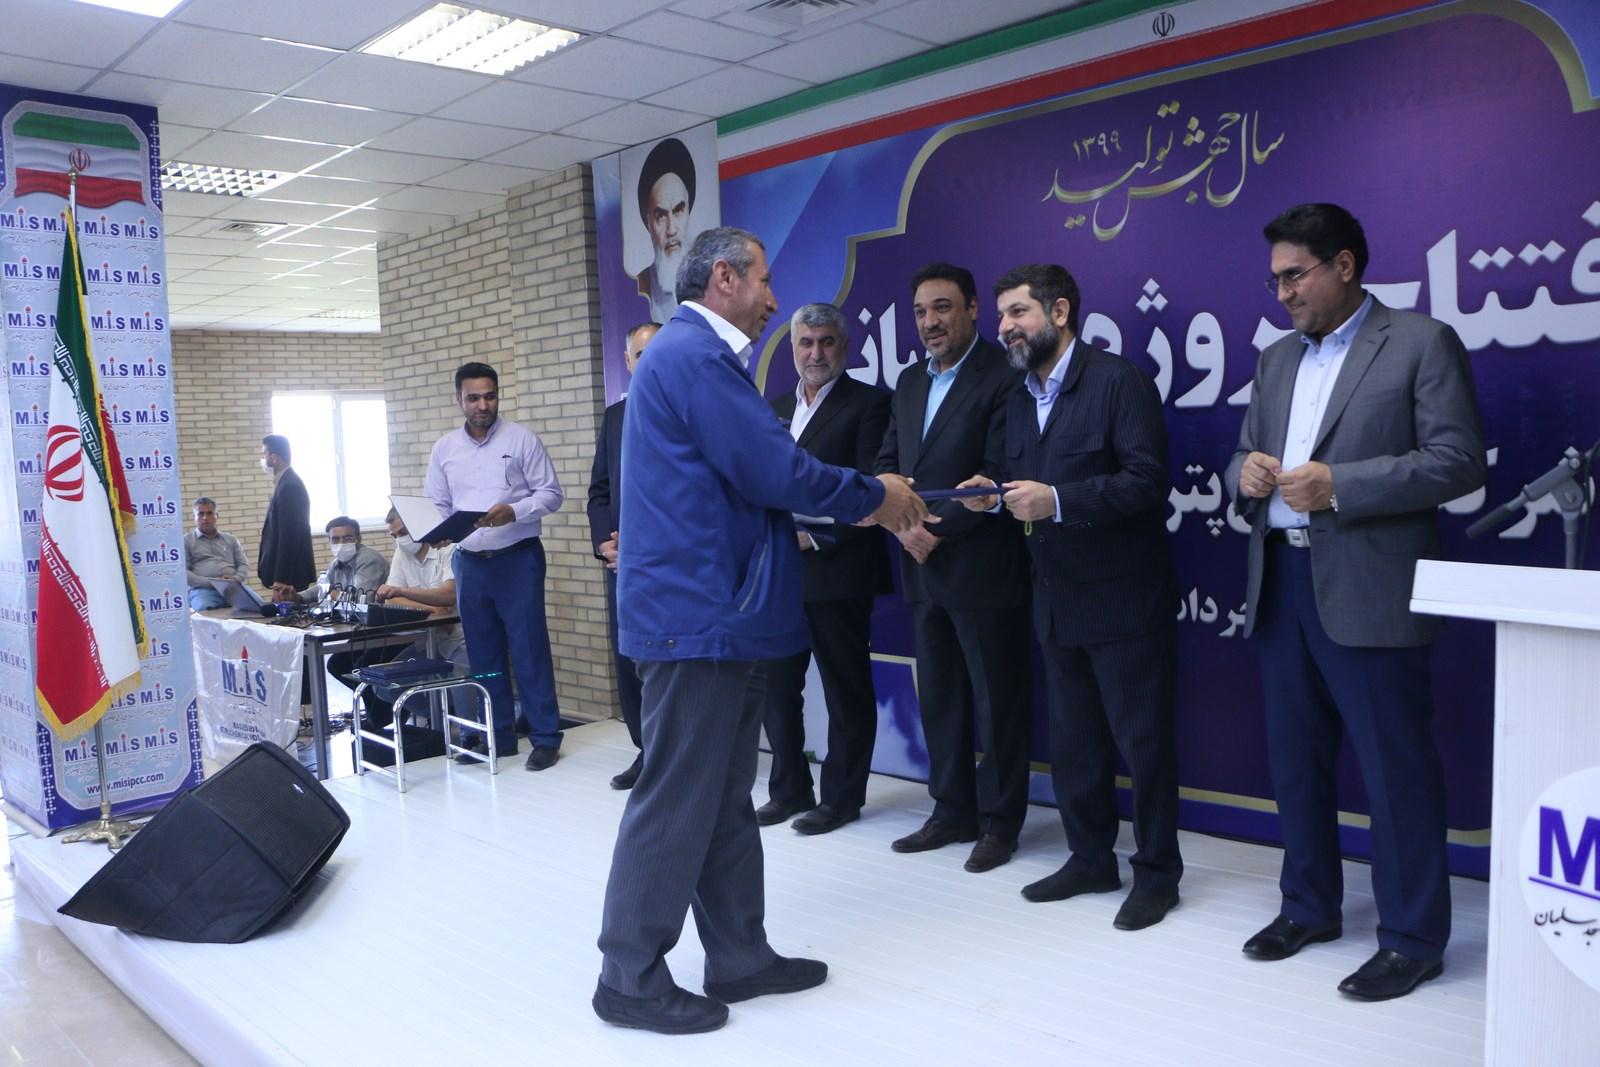 افتتاح چند پروژه مجتمع صنایع پتروشیمی مسجدسلیمان باحضور استاندار خوزستان و مدیرعامل صندوق بازنشستگی کشور